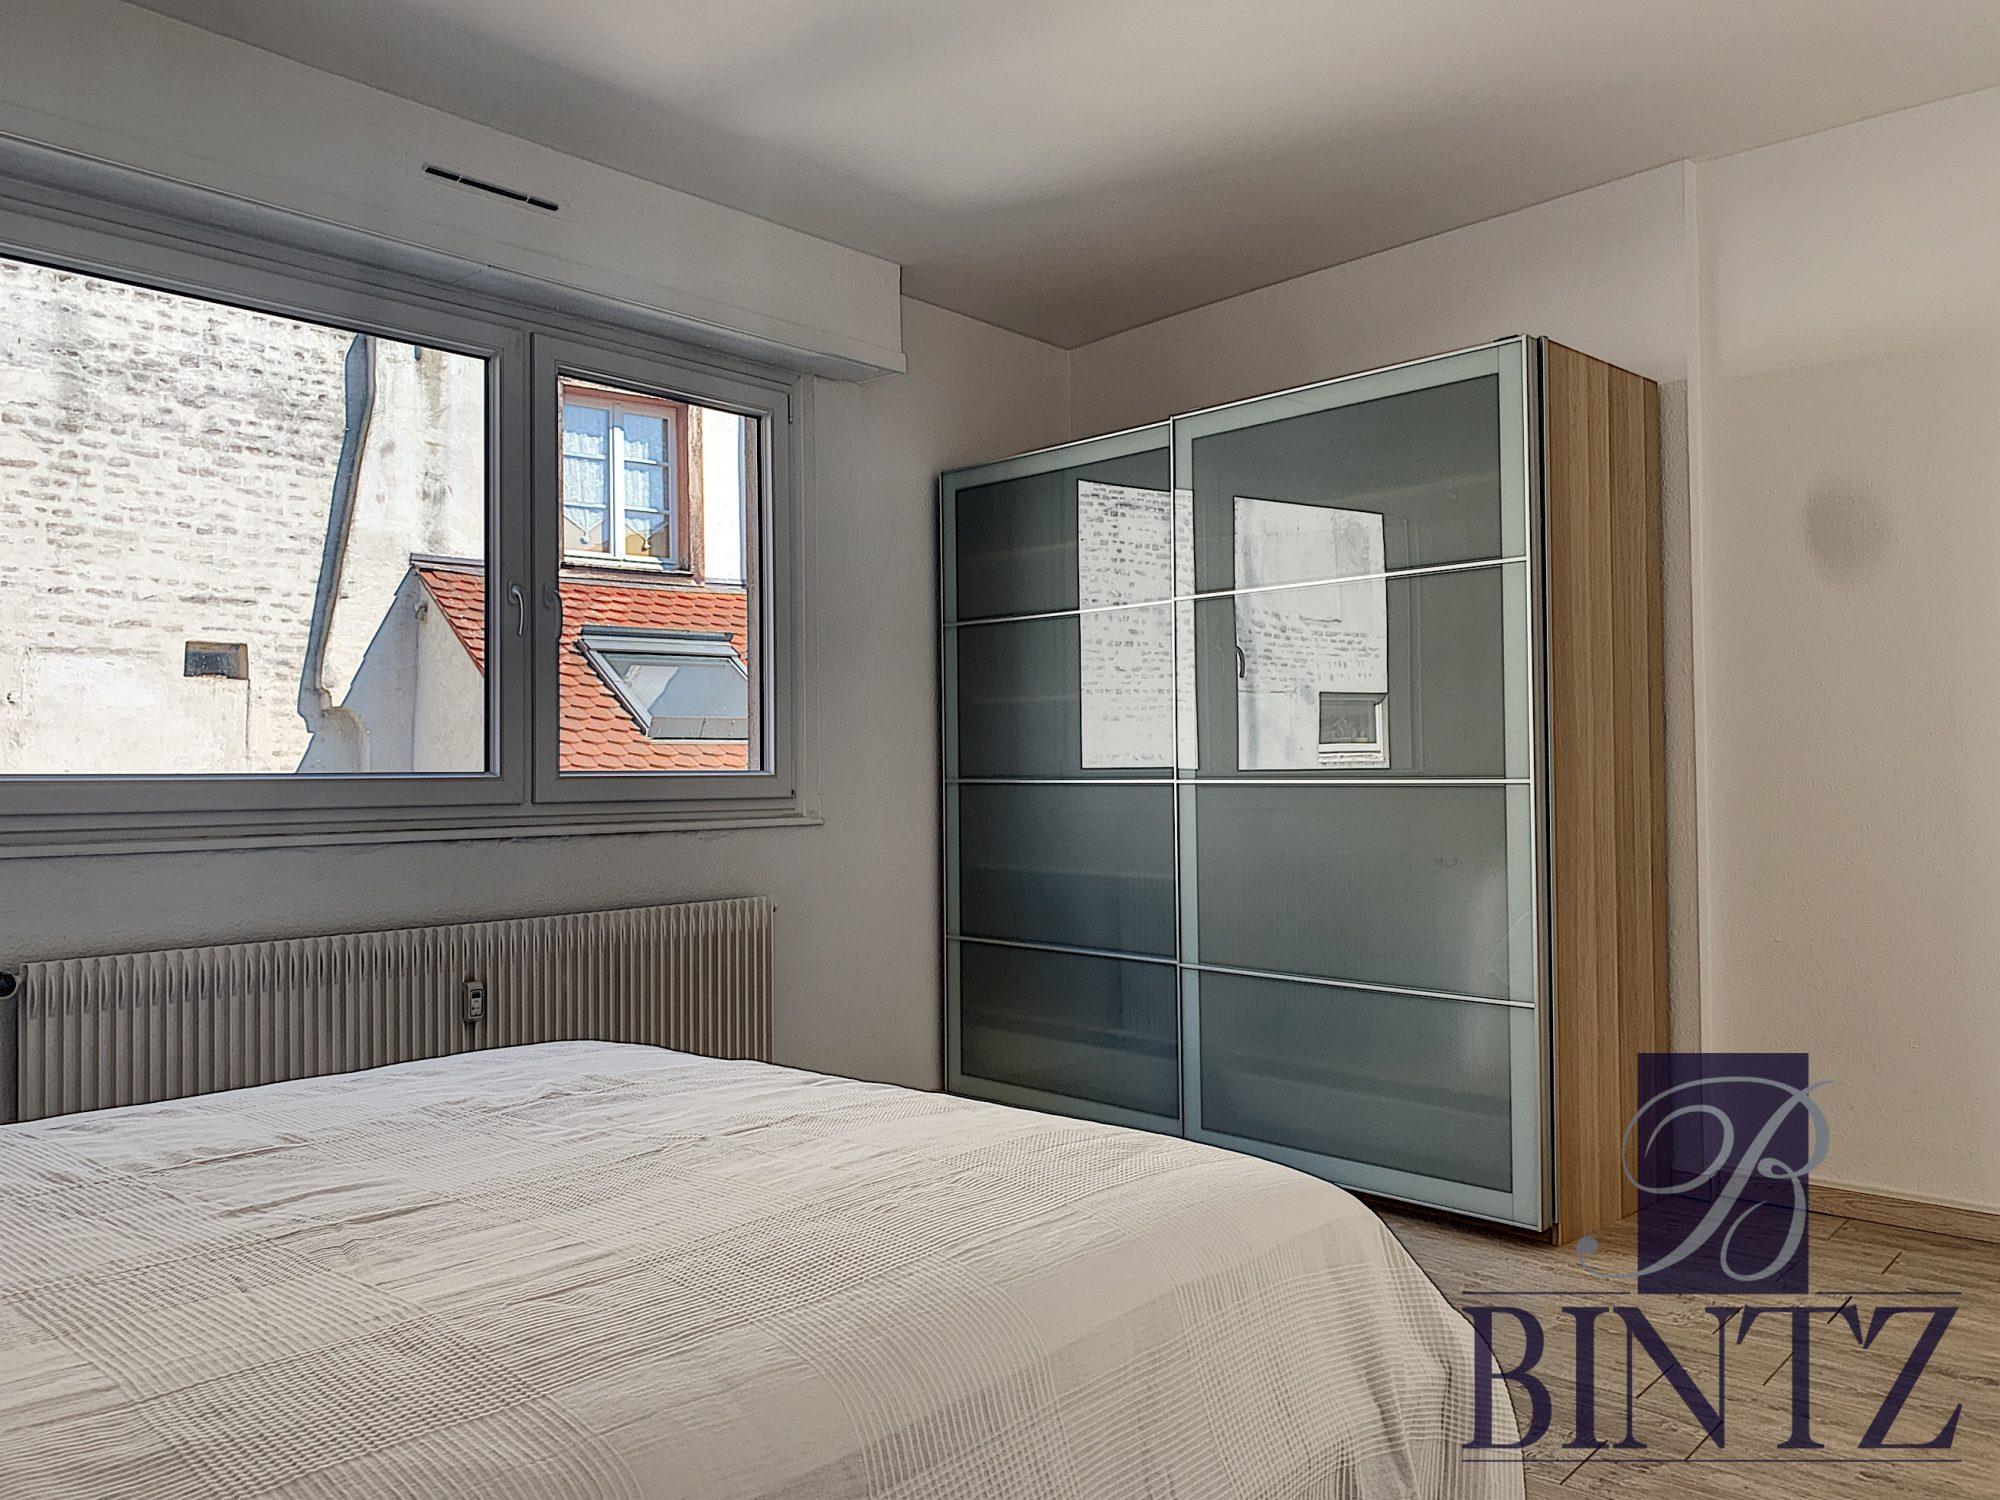 2 PIECES MEUBLE HYPER CENTRE - Devenez locataire en toute sérénité - Bintz Immobilier - 9